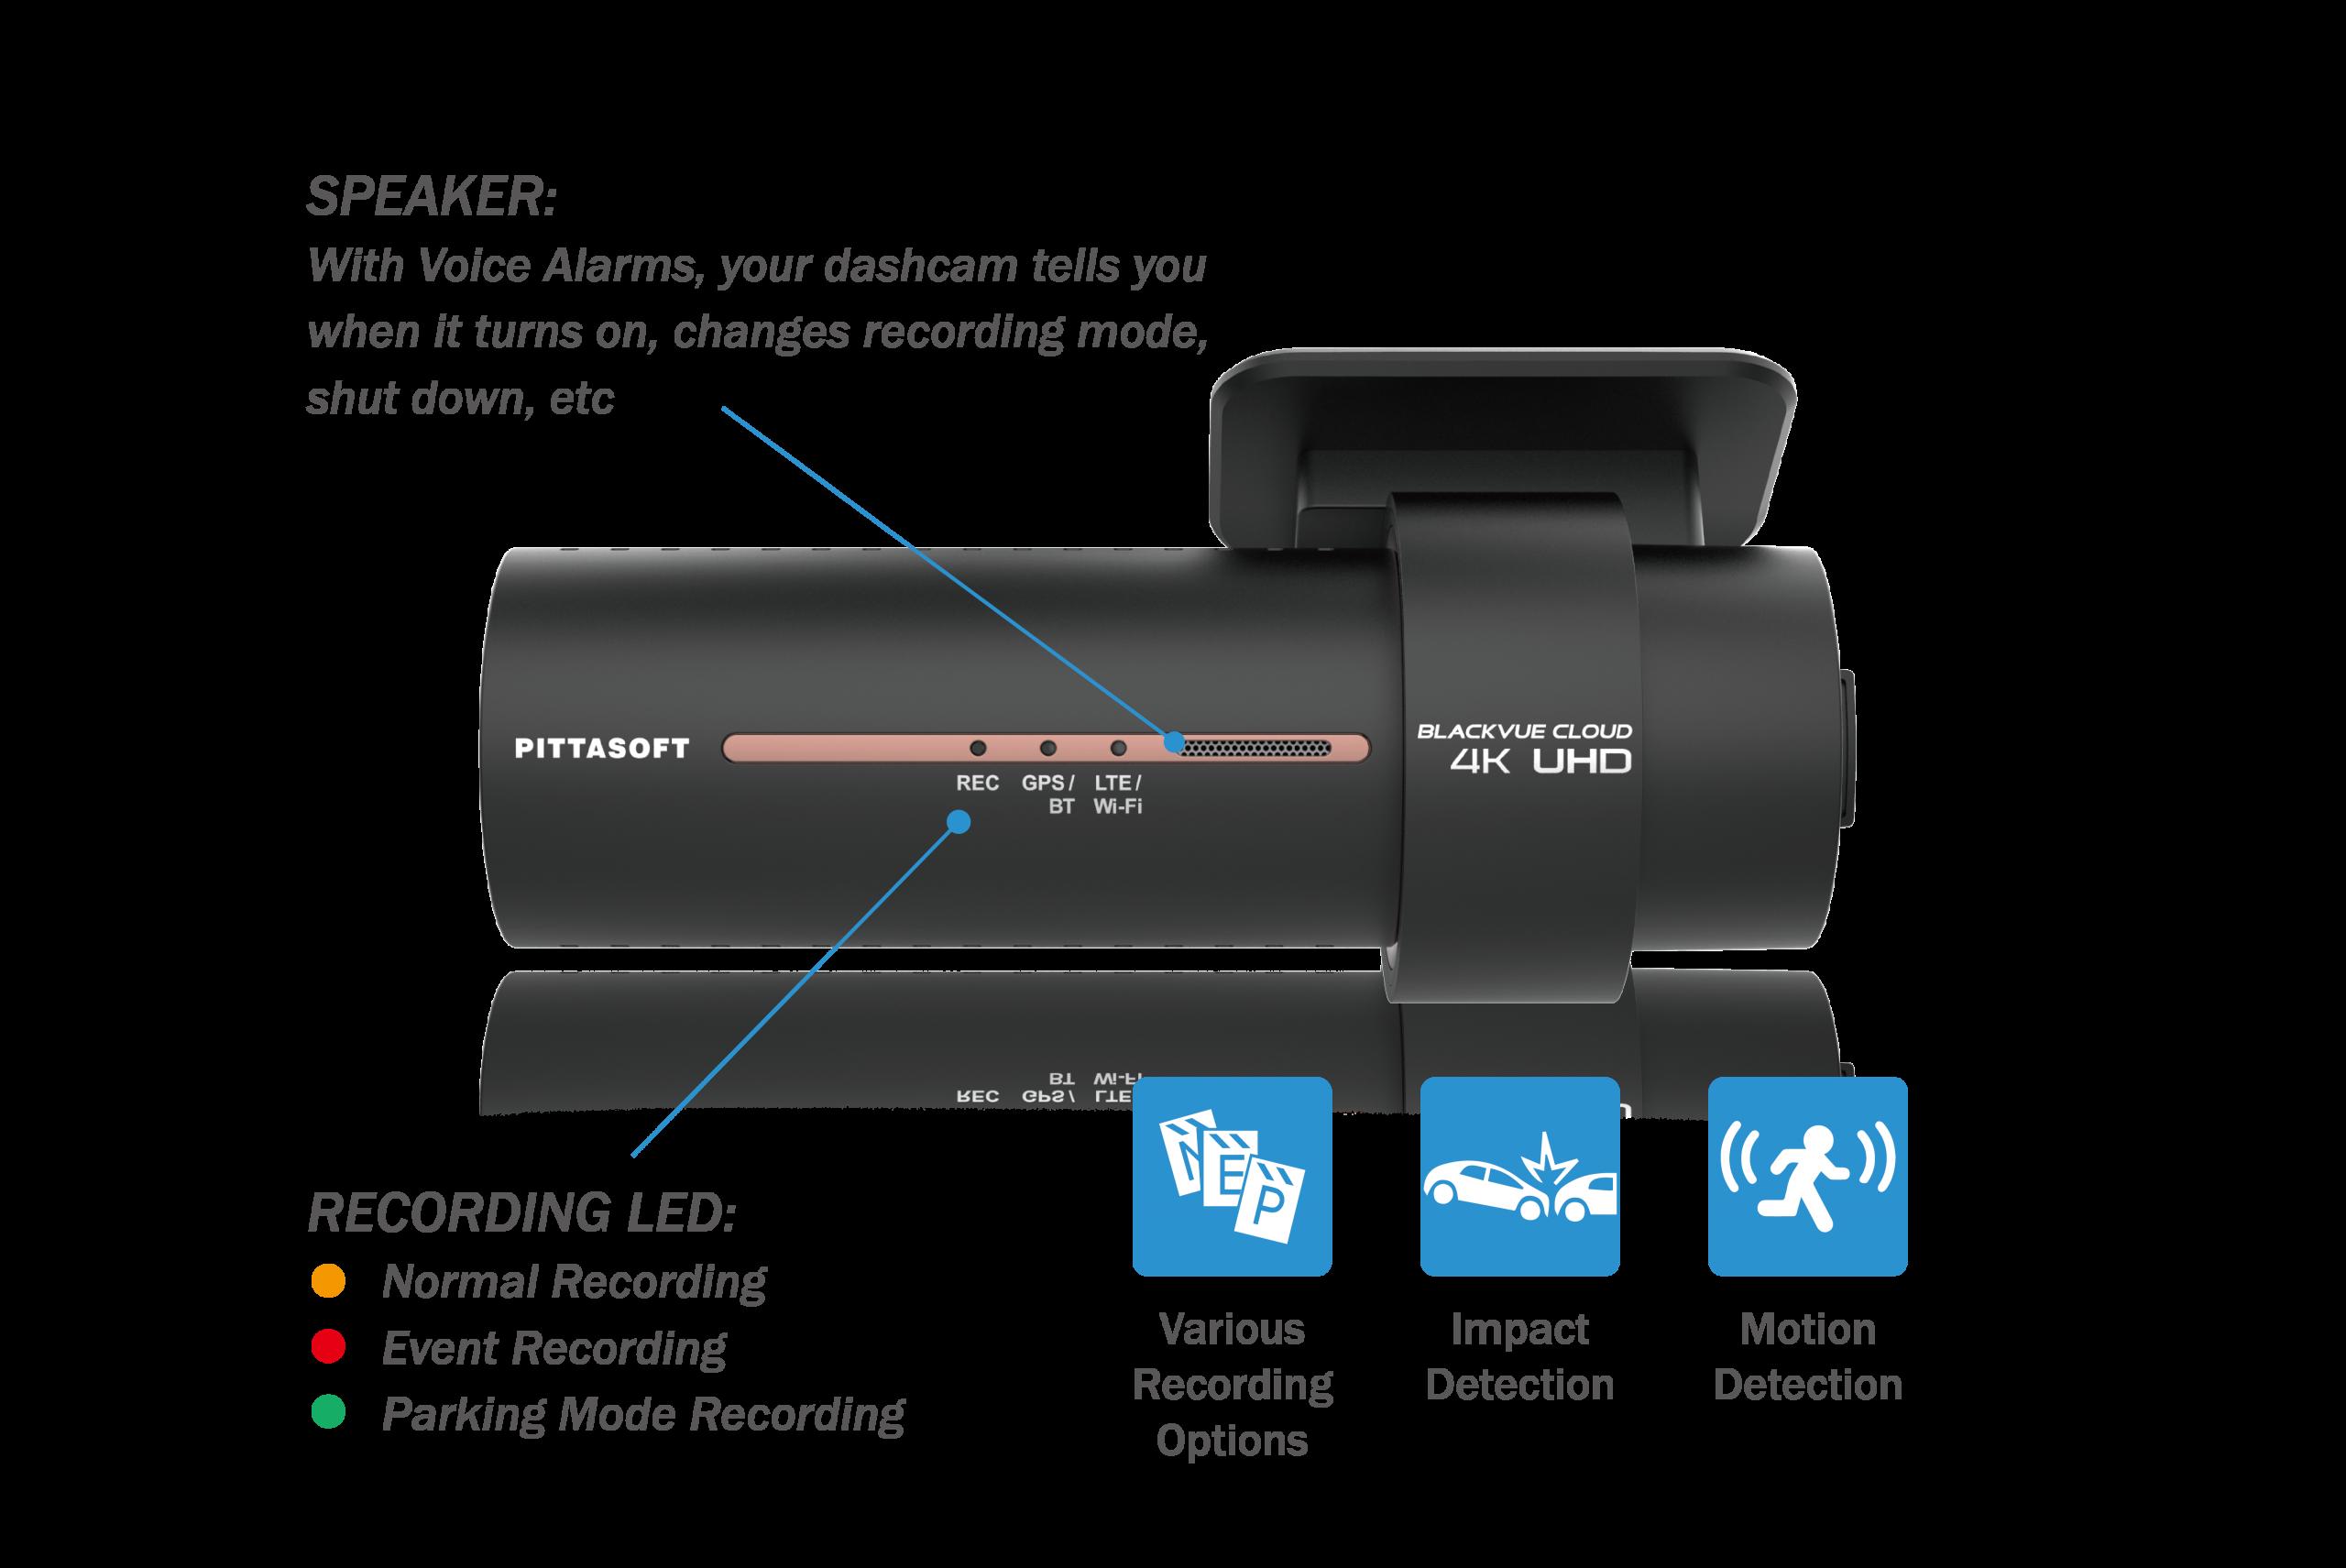 دوربین خودرو BLACKVUE با قابلیت تشخیص حرکت و ضربه